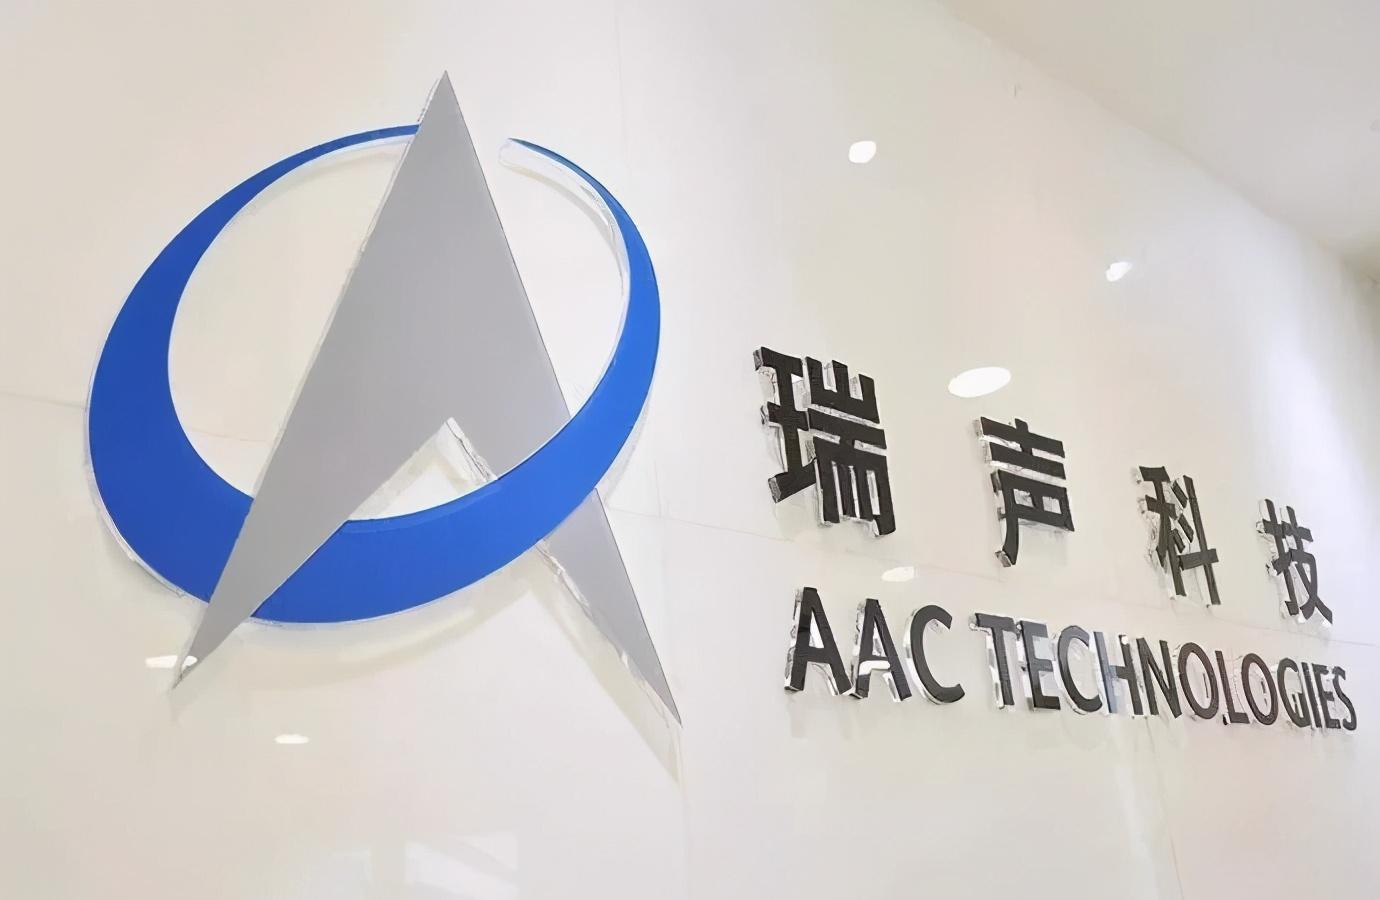 【研究社日报】高瓴称无意私有化SOHO中国,瑞声科技三季度收入45.2亿元